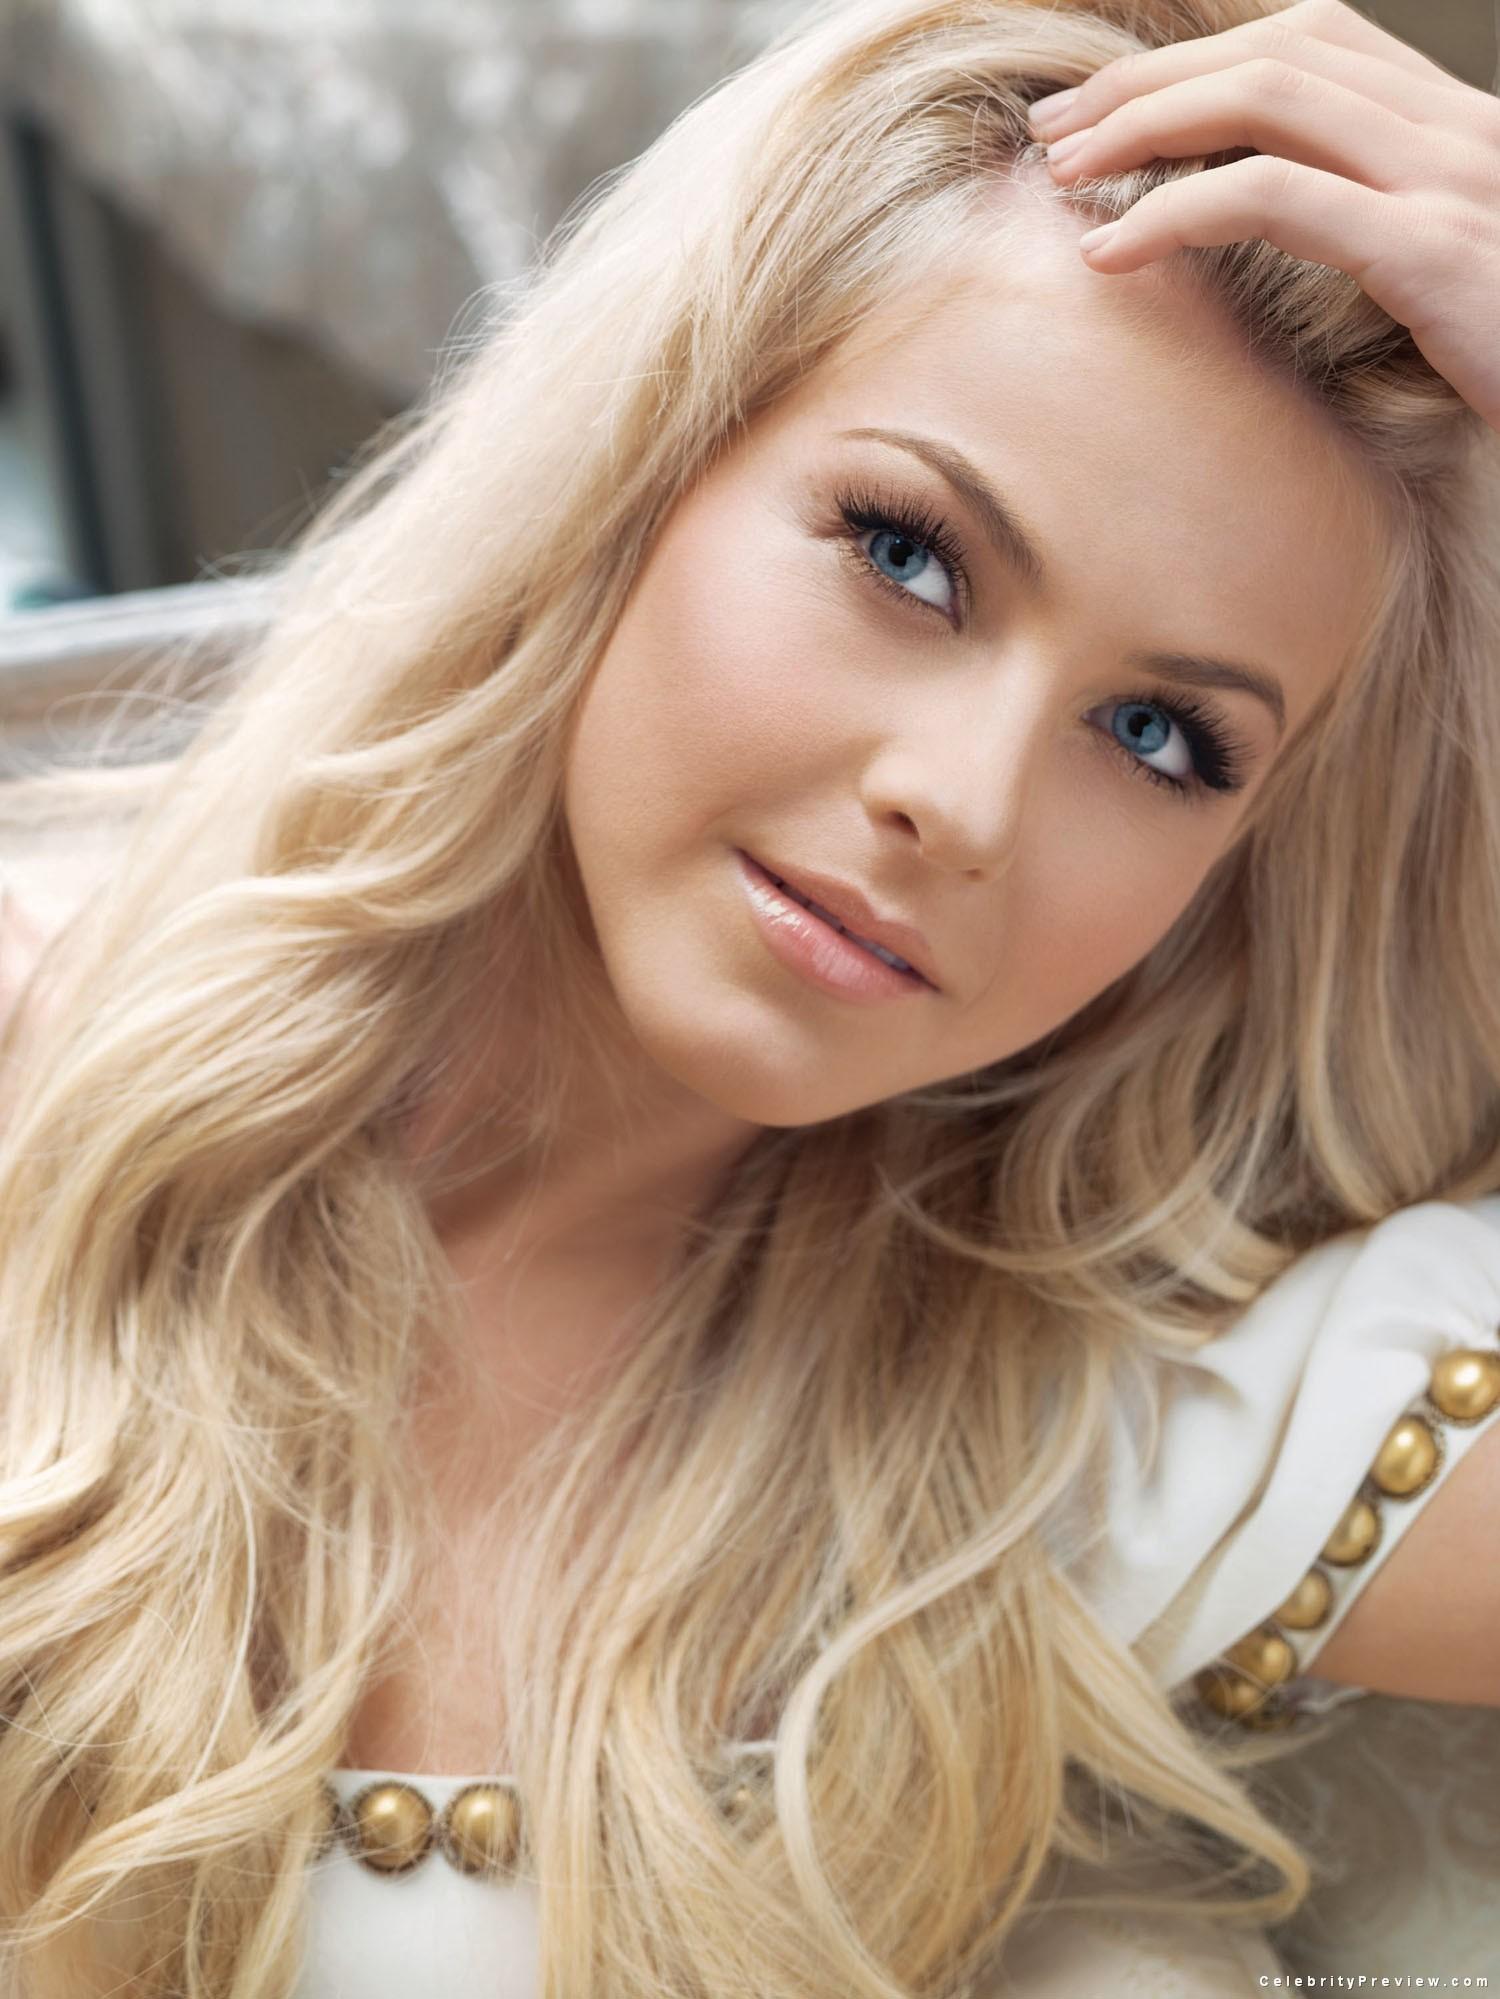 Фото блондинок с красивыми волосами 13 фотография